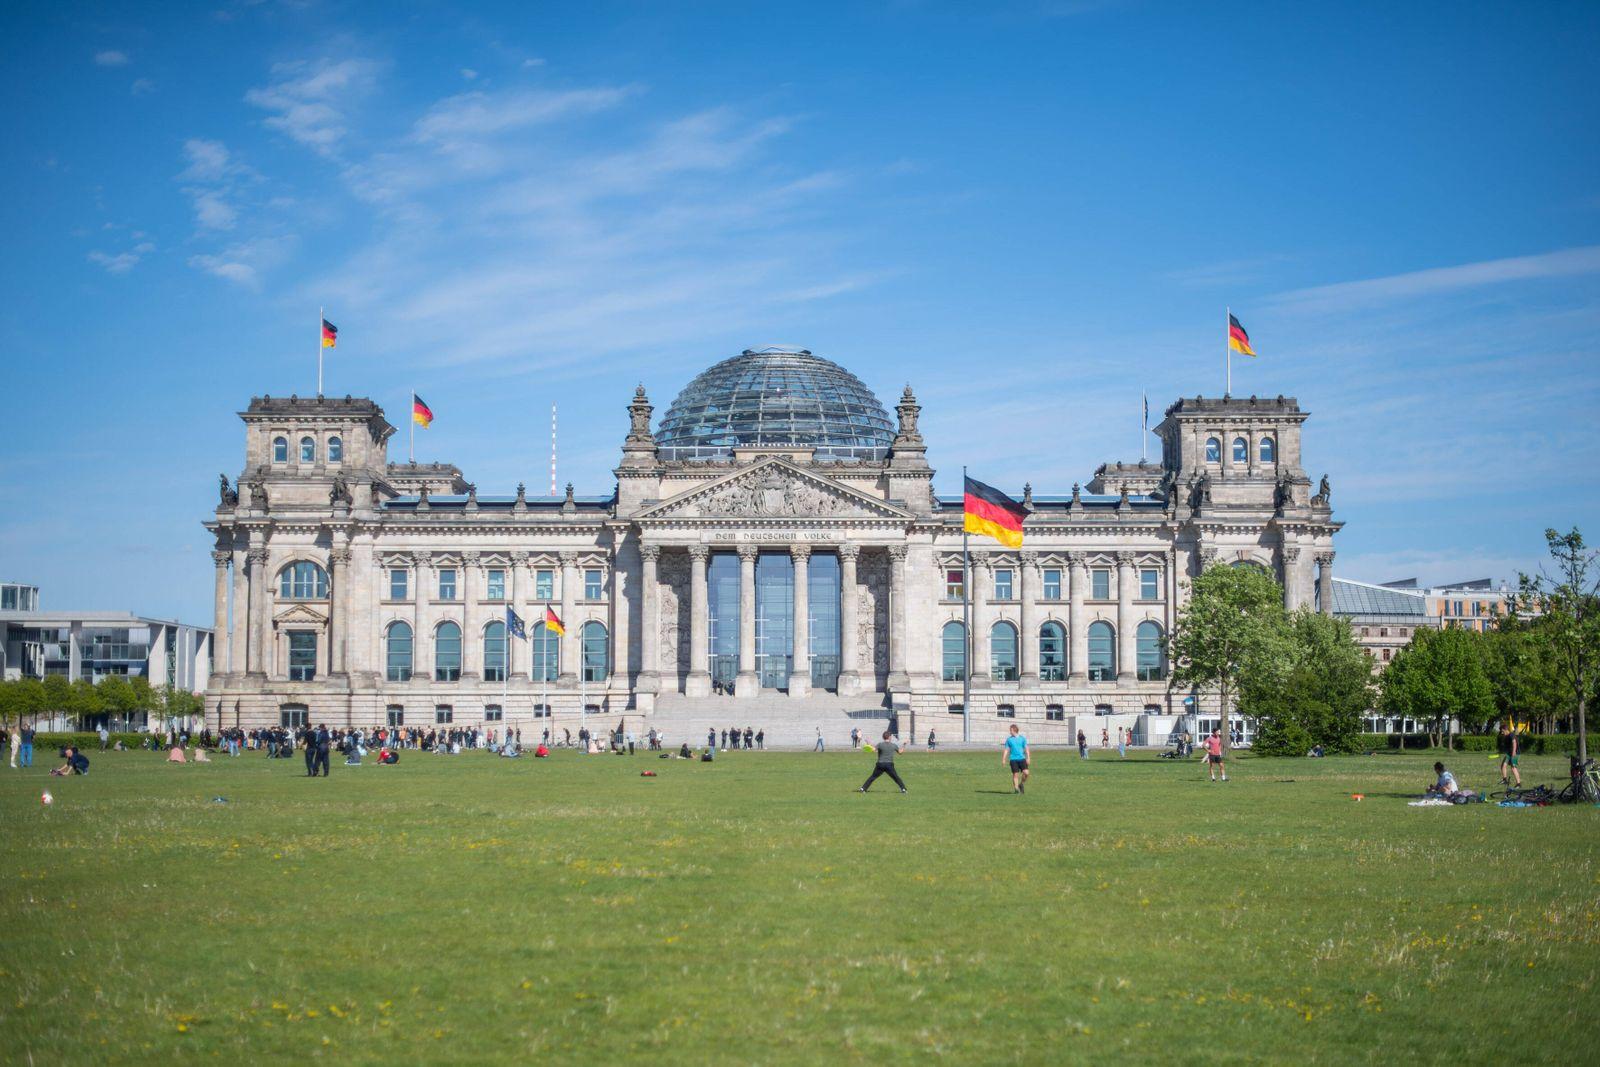 Berlin Fruehlingswetter Platz der Republik Menschen geniessen das gute Fruehlingswetter auf der Wiese vor dem Reichstag